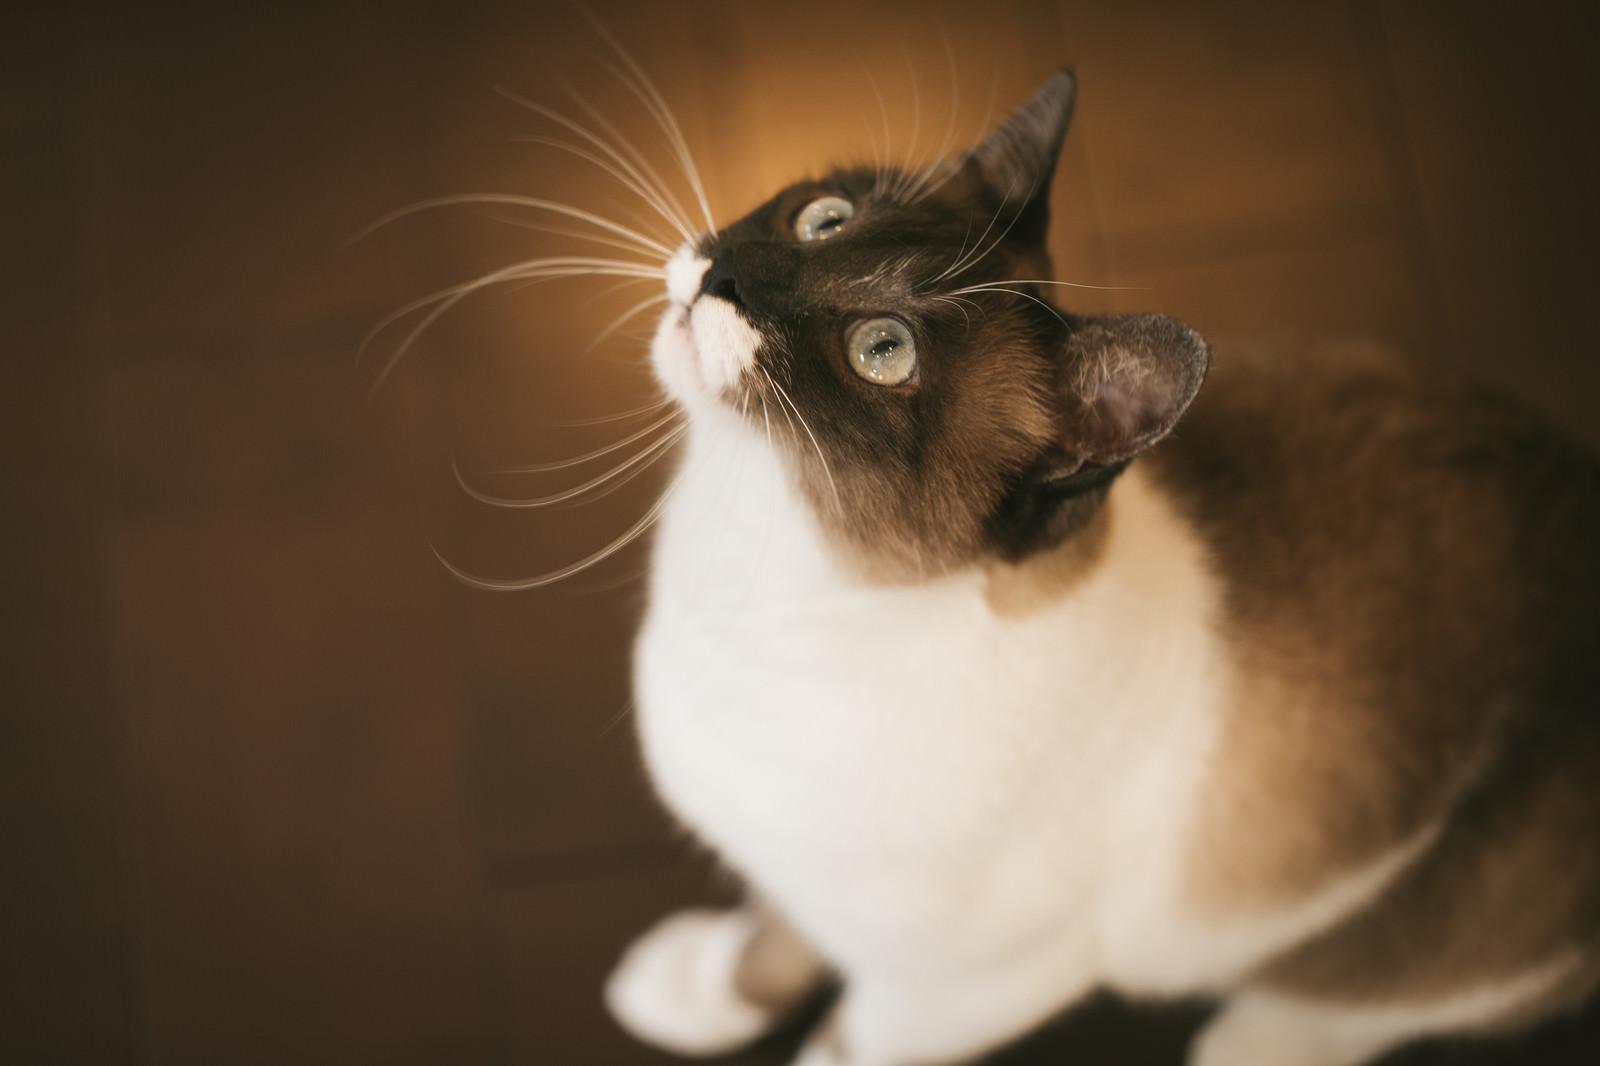 「上を見上げる愛猫」の写真